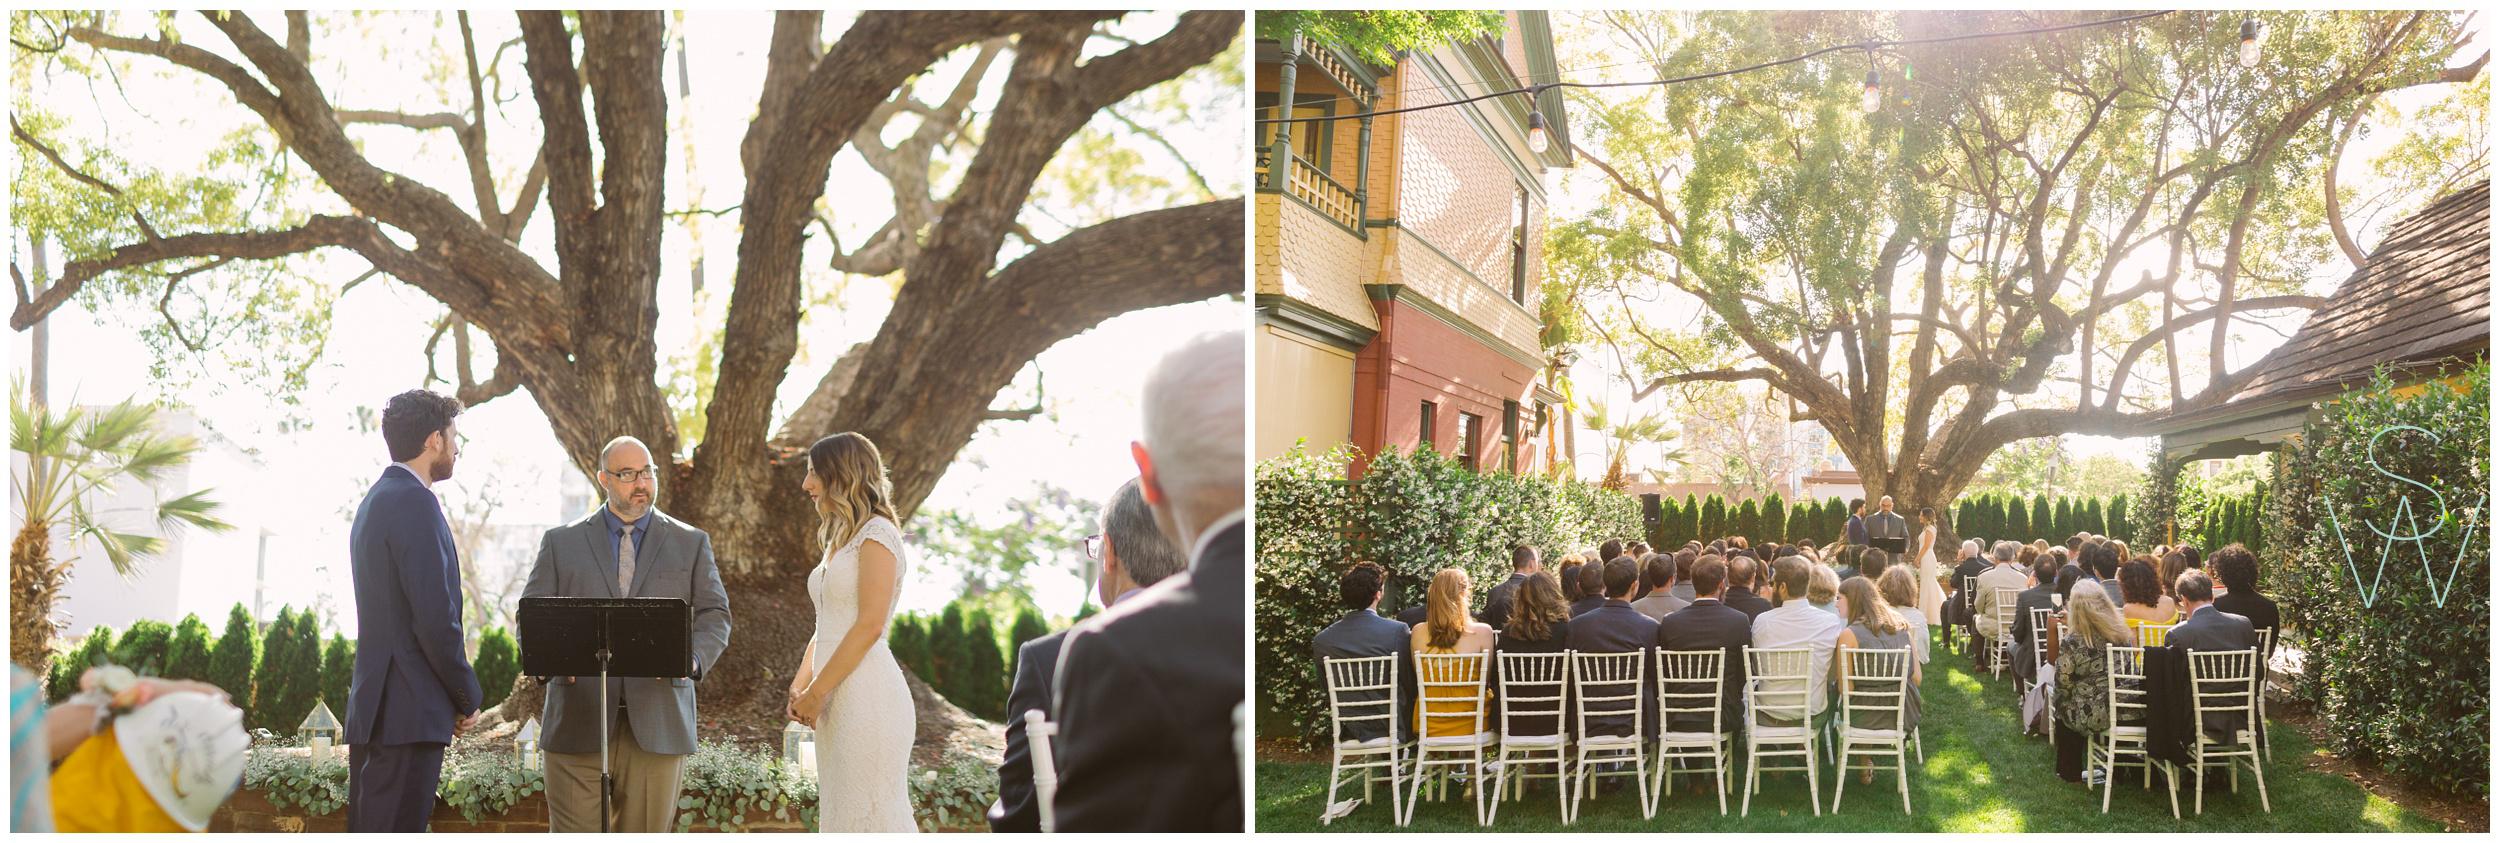 shewanders.san.diego.wedding.britt.scripps.inn-147.jpg